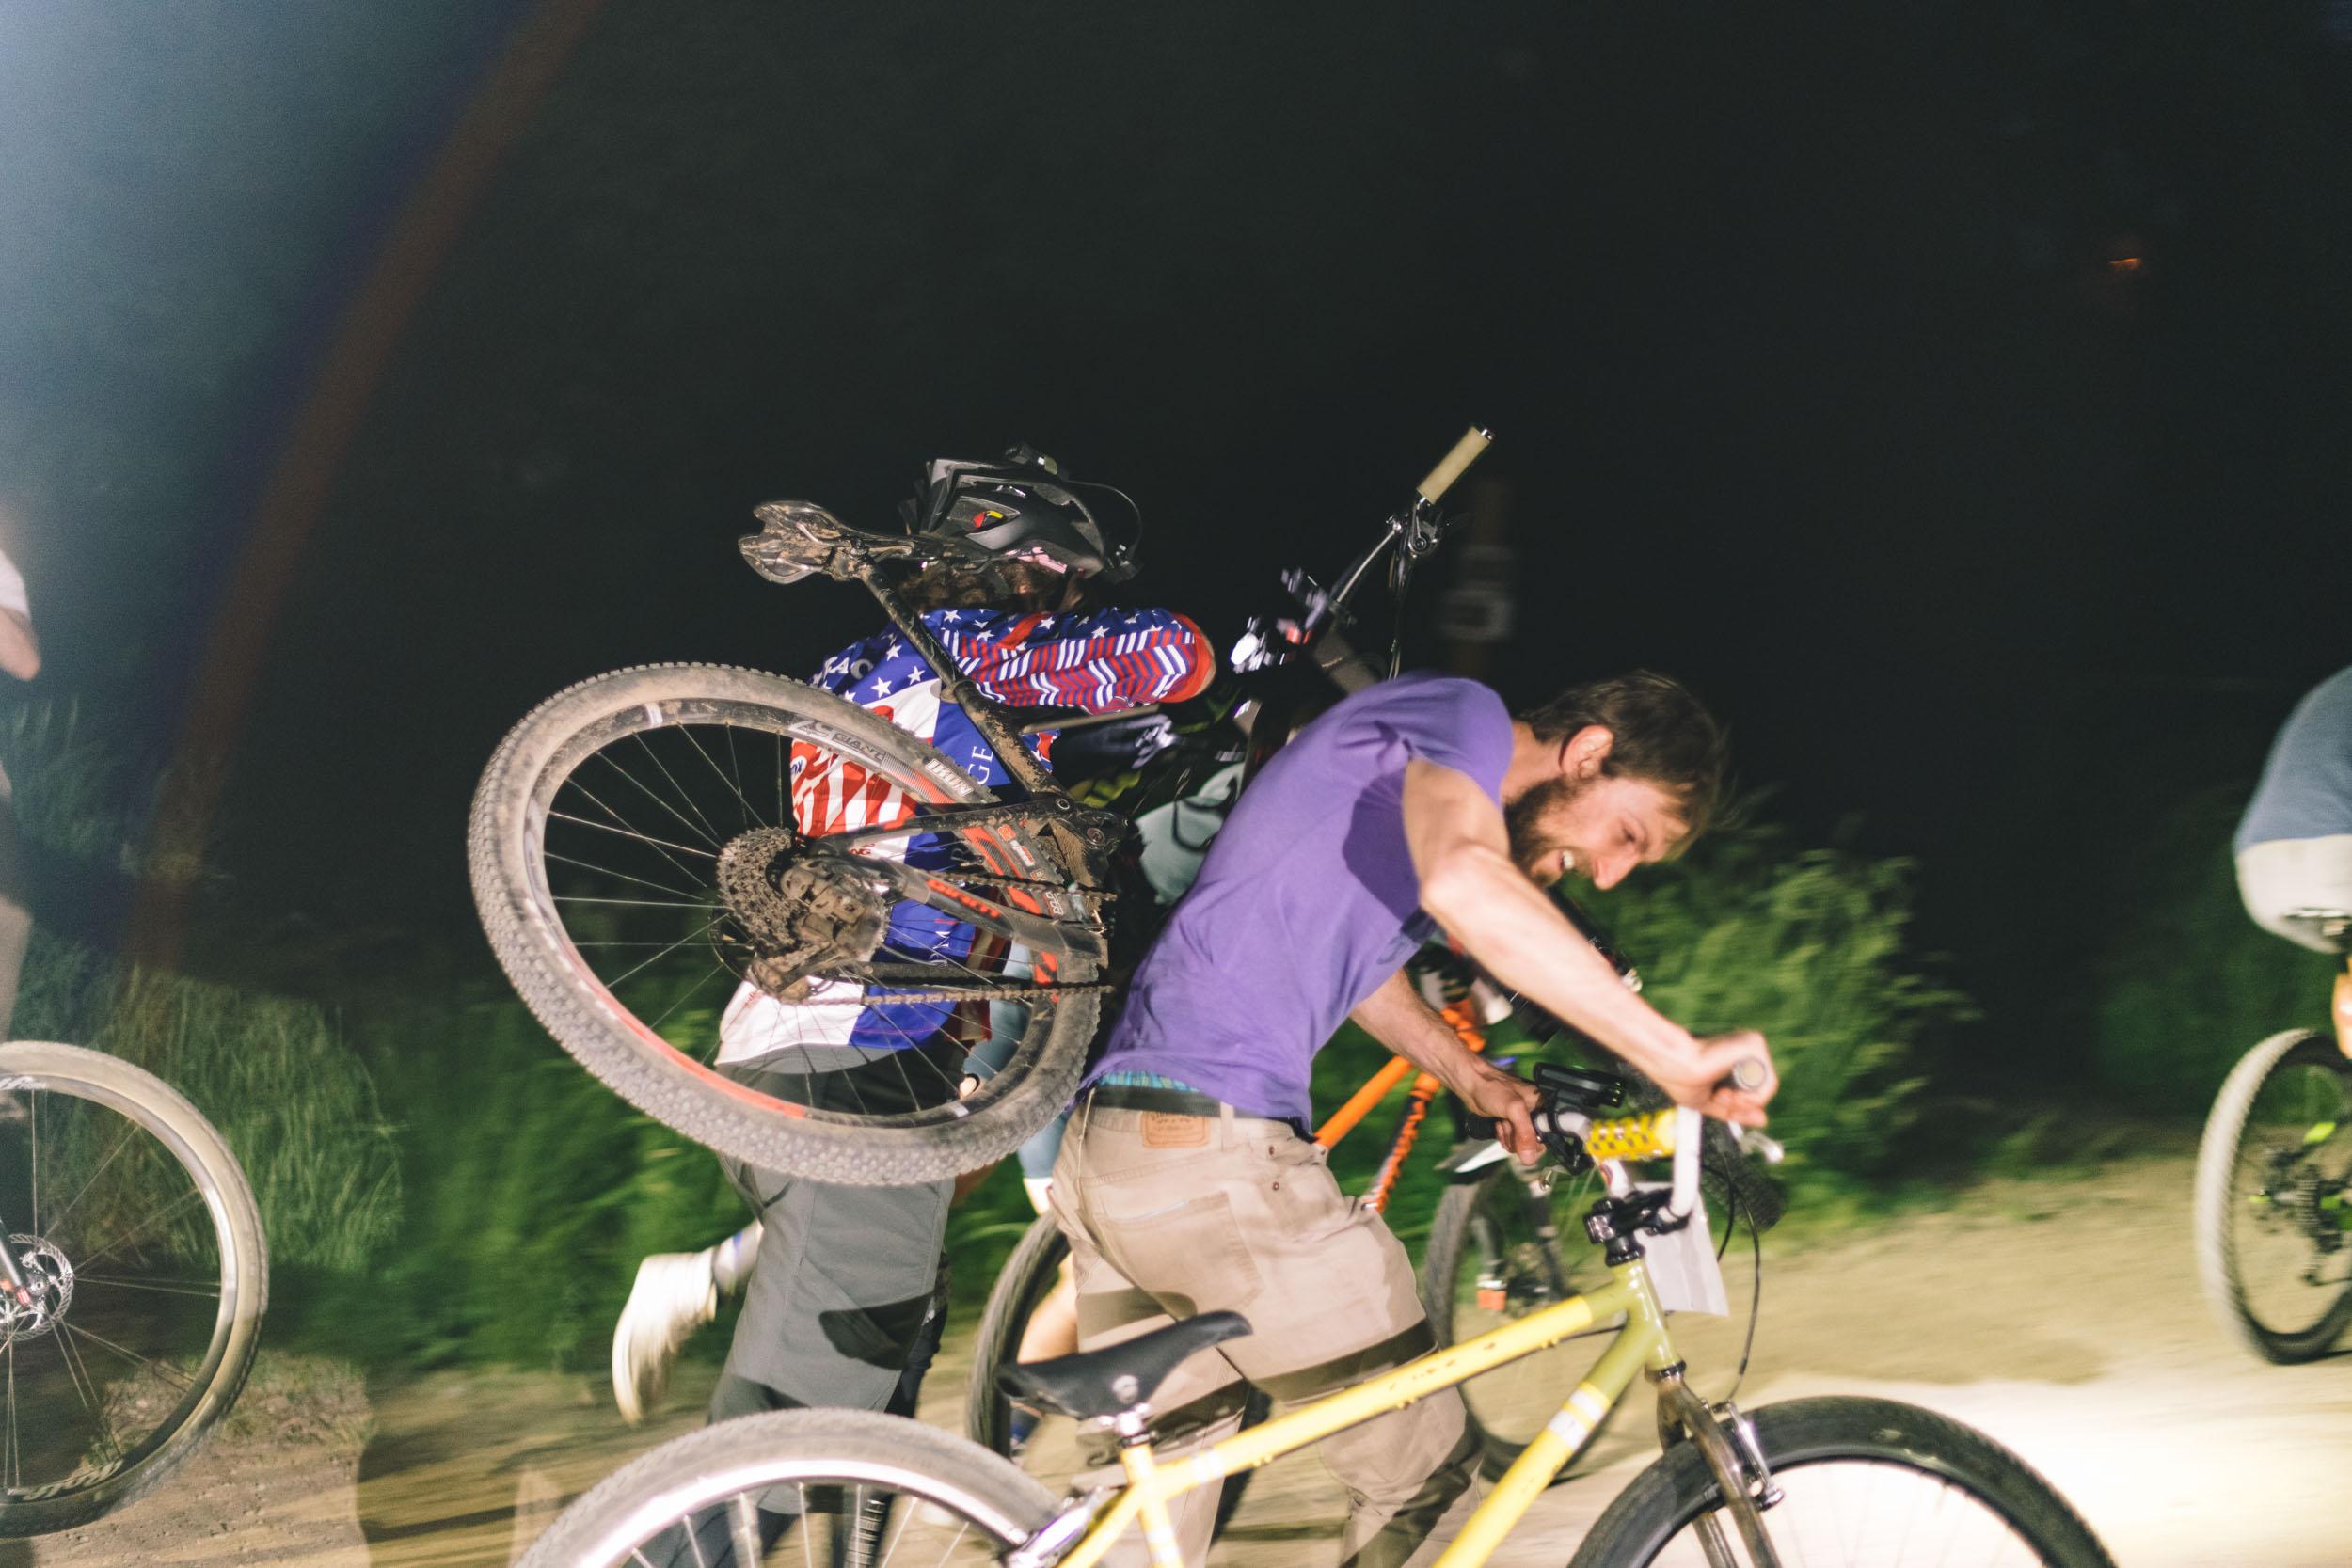 COBRA_Racing_Gateway_Miguel_Race_58.jpg